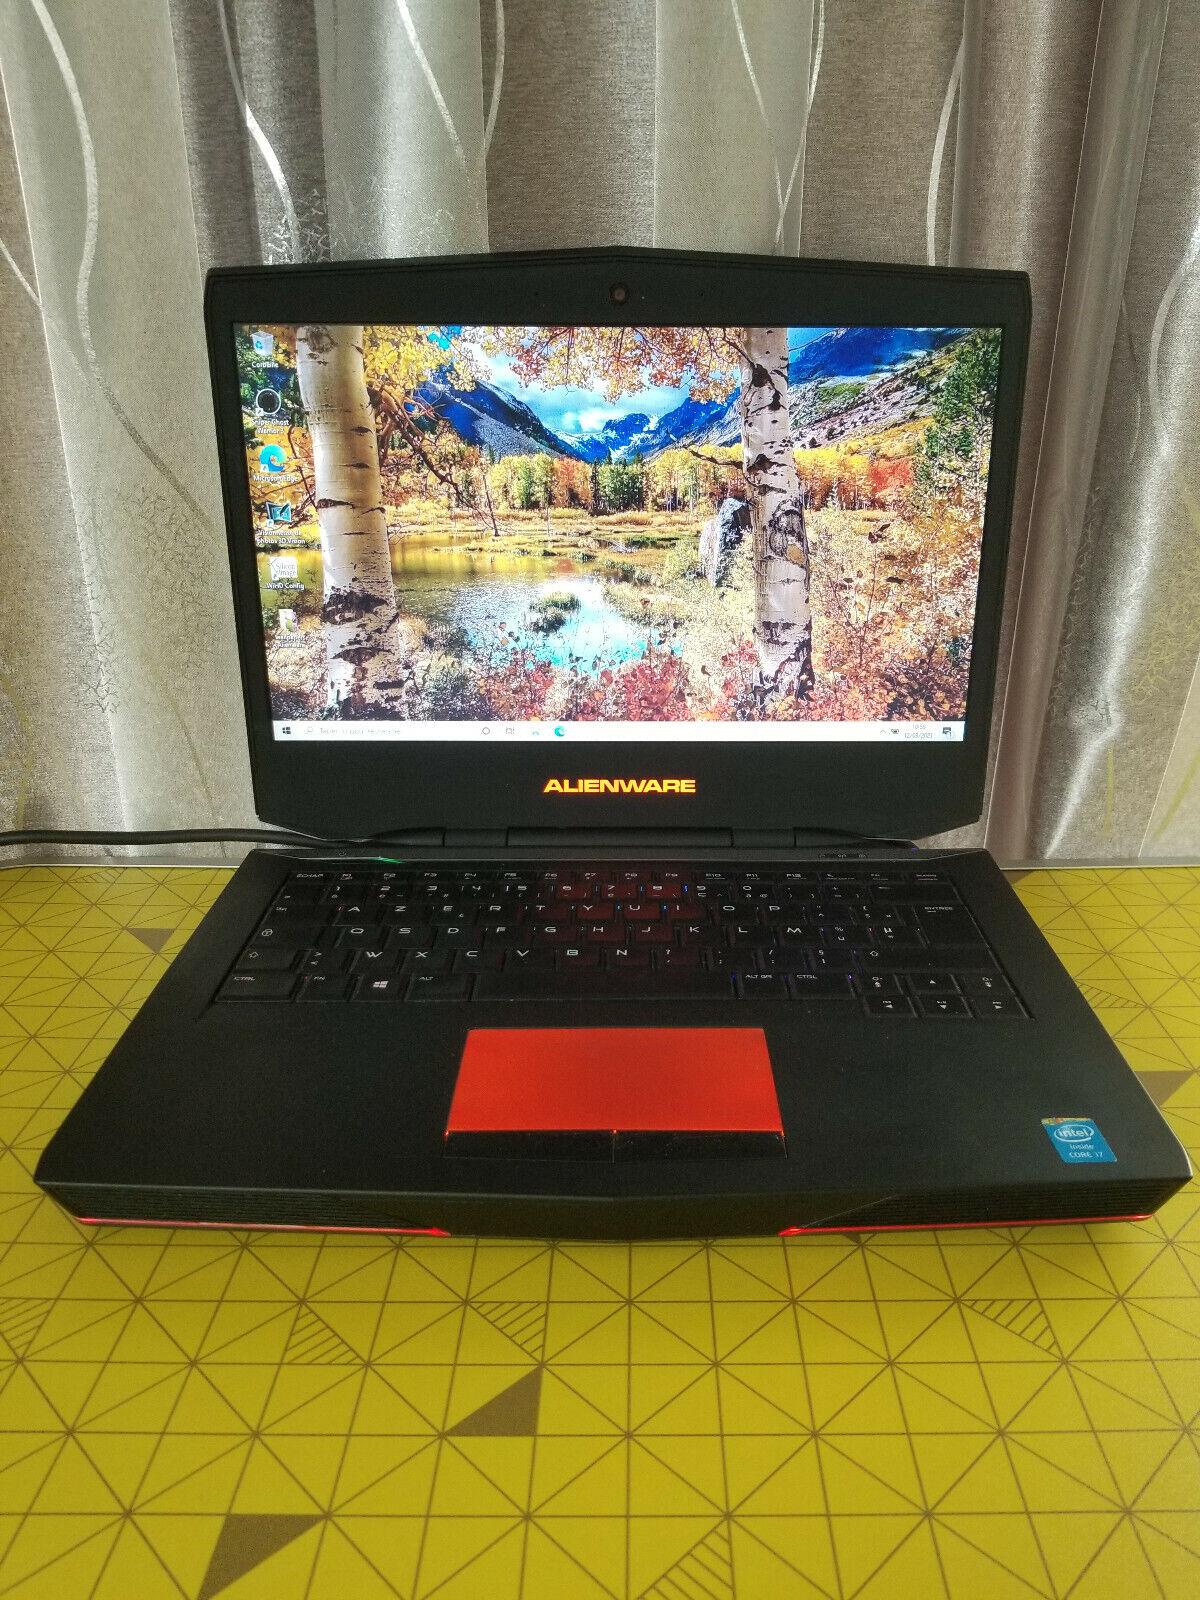 Alienware 14 fhd - intel core i7-4700mq 2.4 ghz - ram 16go, gtx 750m  win10